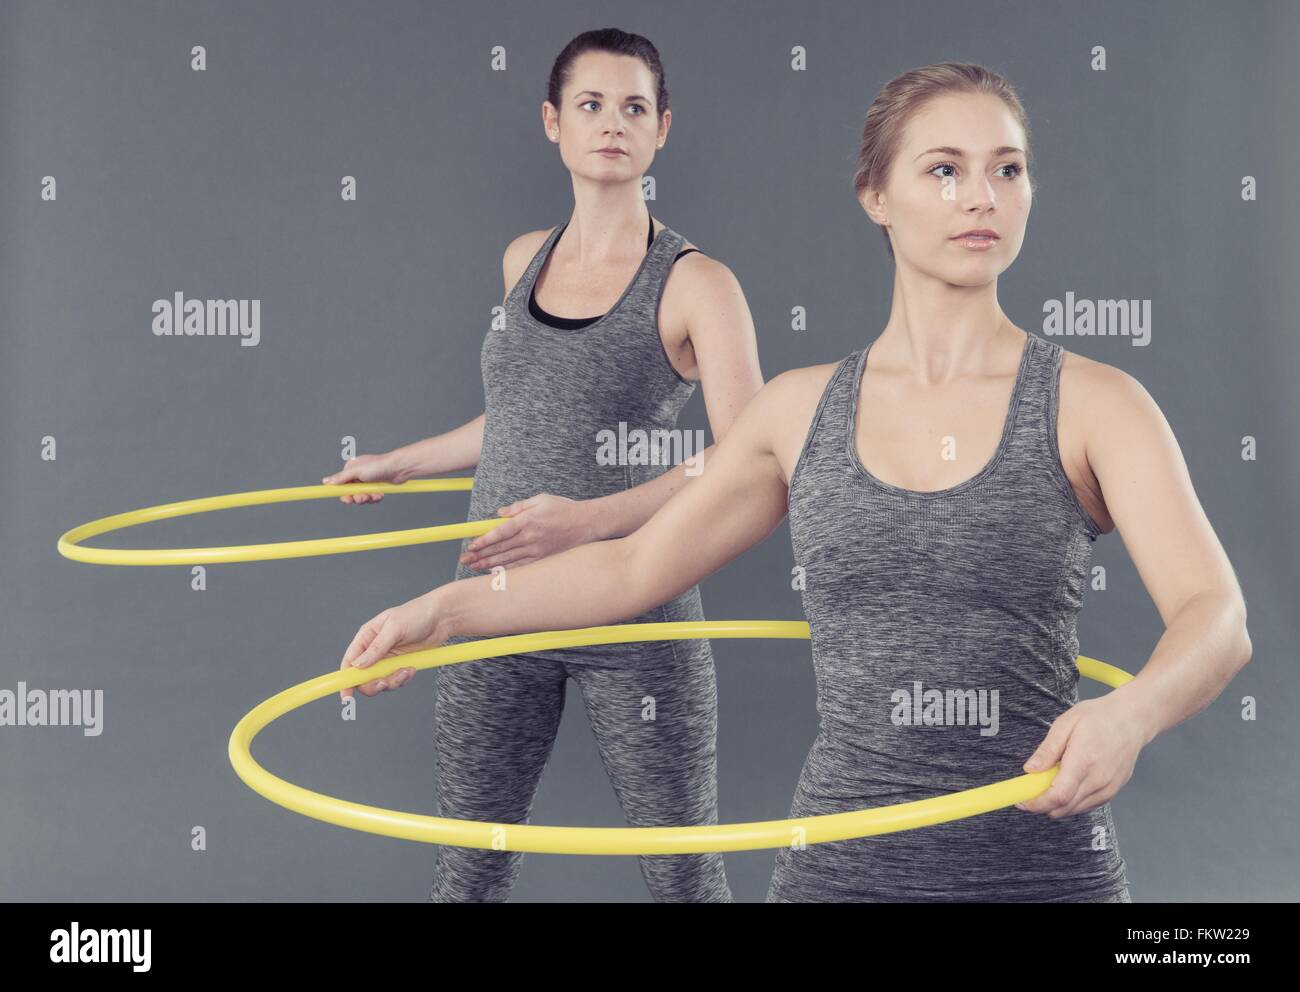 Junge Frauen, die sich darin üben, mit Hula-Hoop, grauer Hintergrund Stockbild